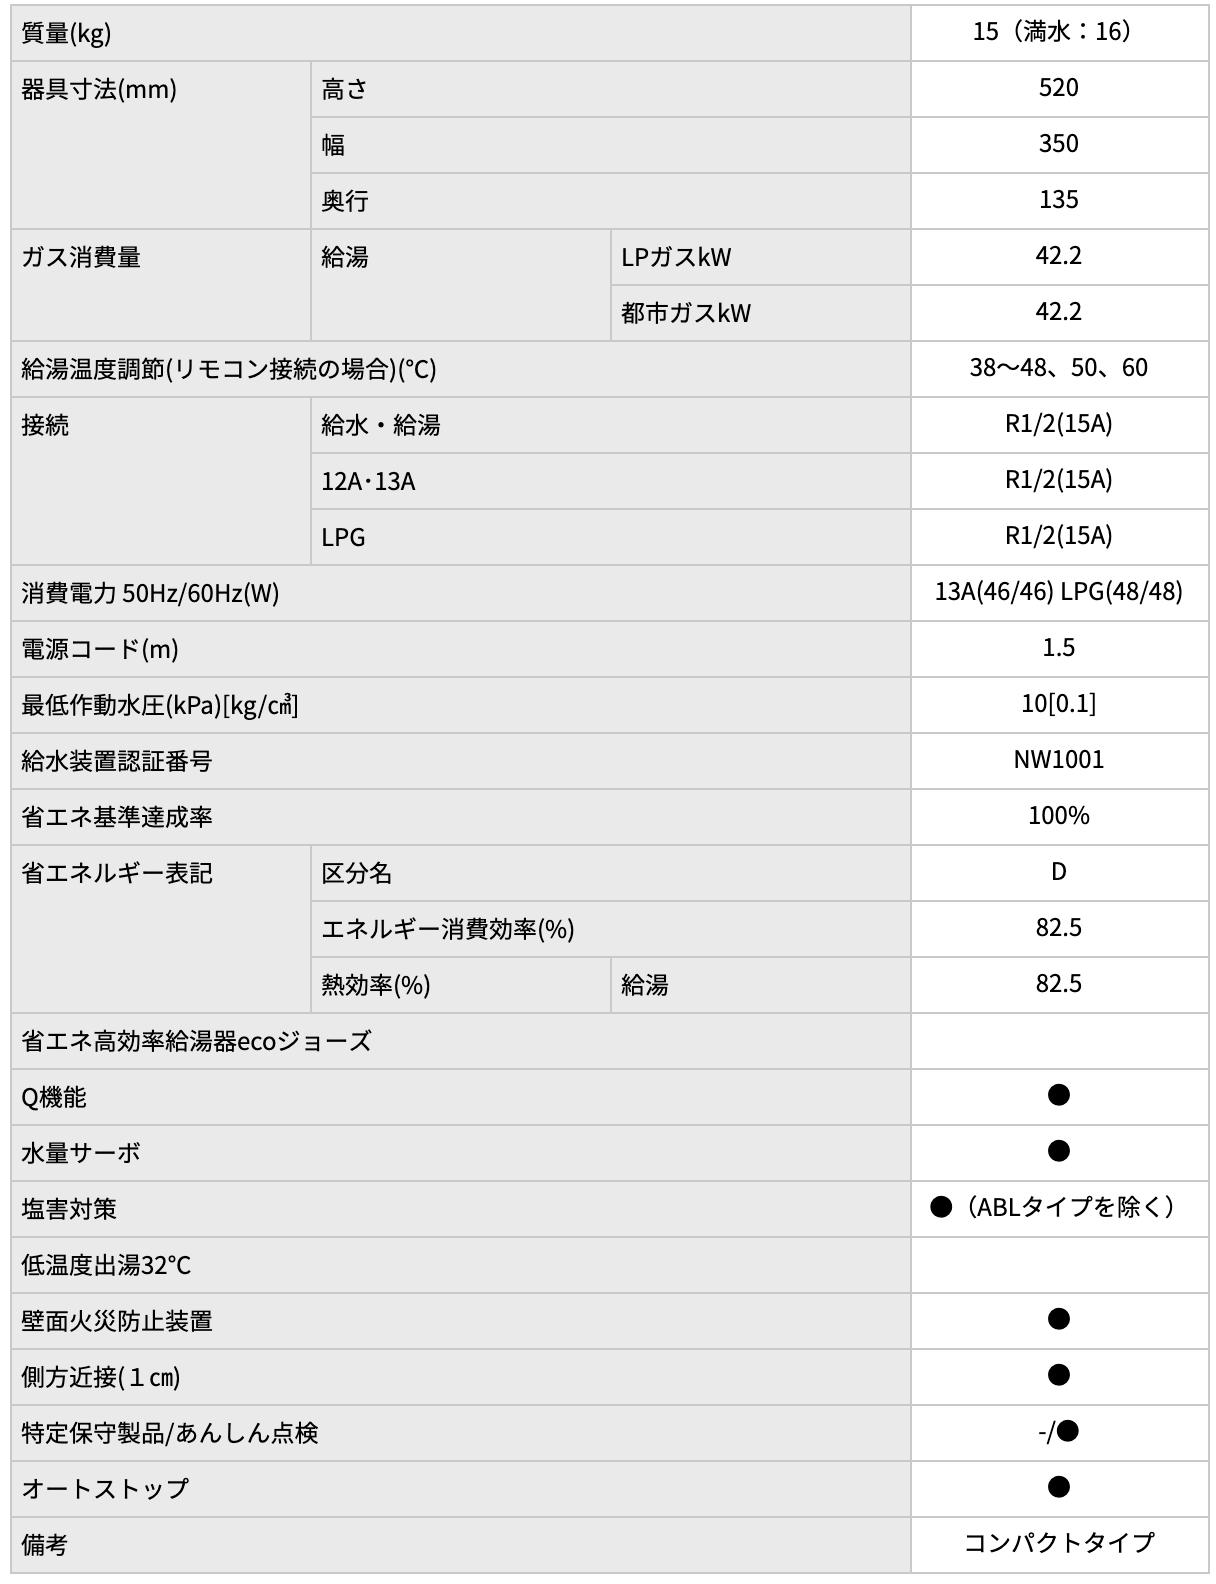 晋江市谦诚机电设备有限公司